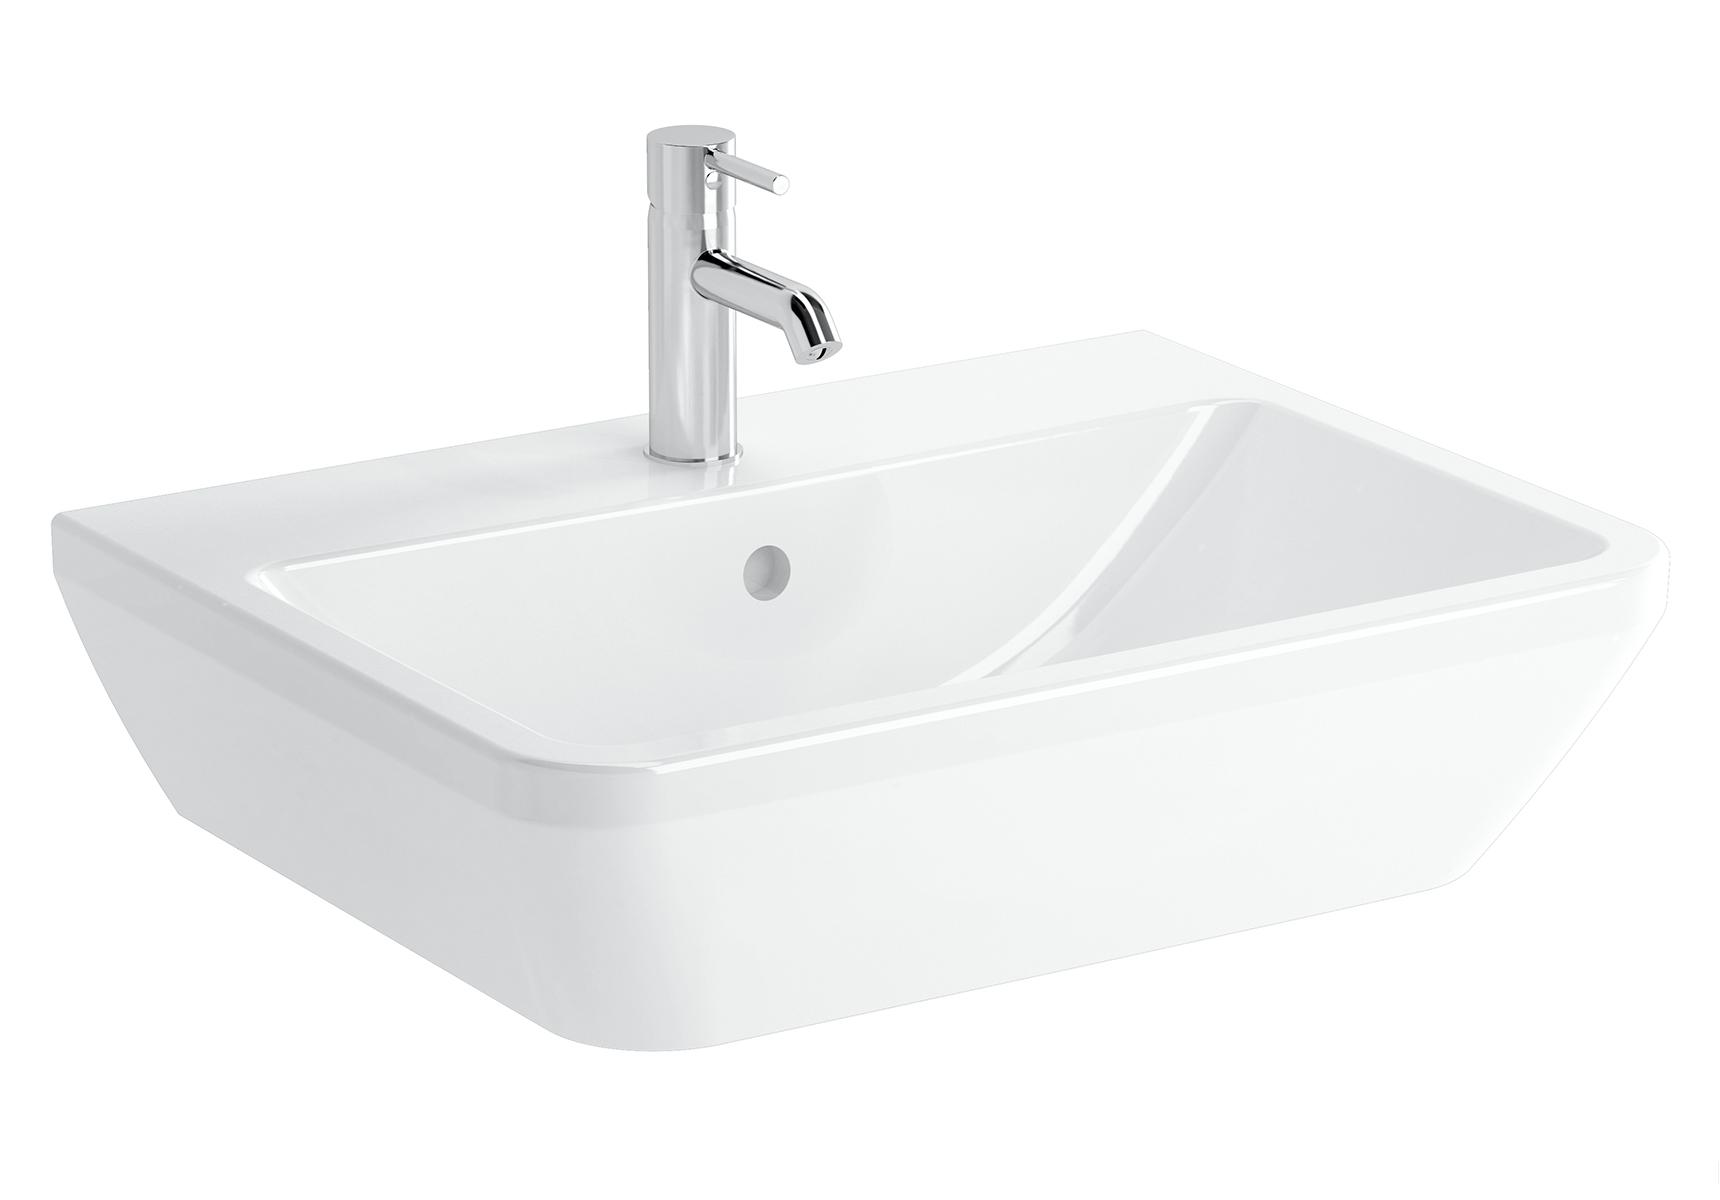 Integra lavabo carré, 65 cm, avec trou de robinet, avec trop-plein